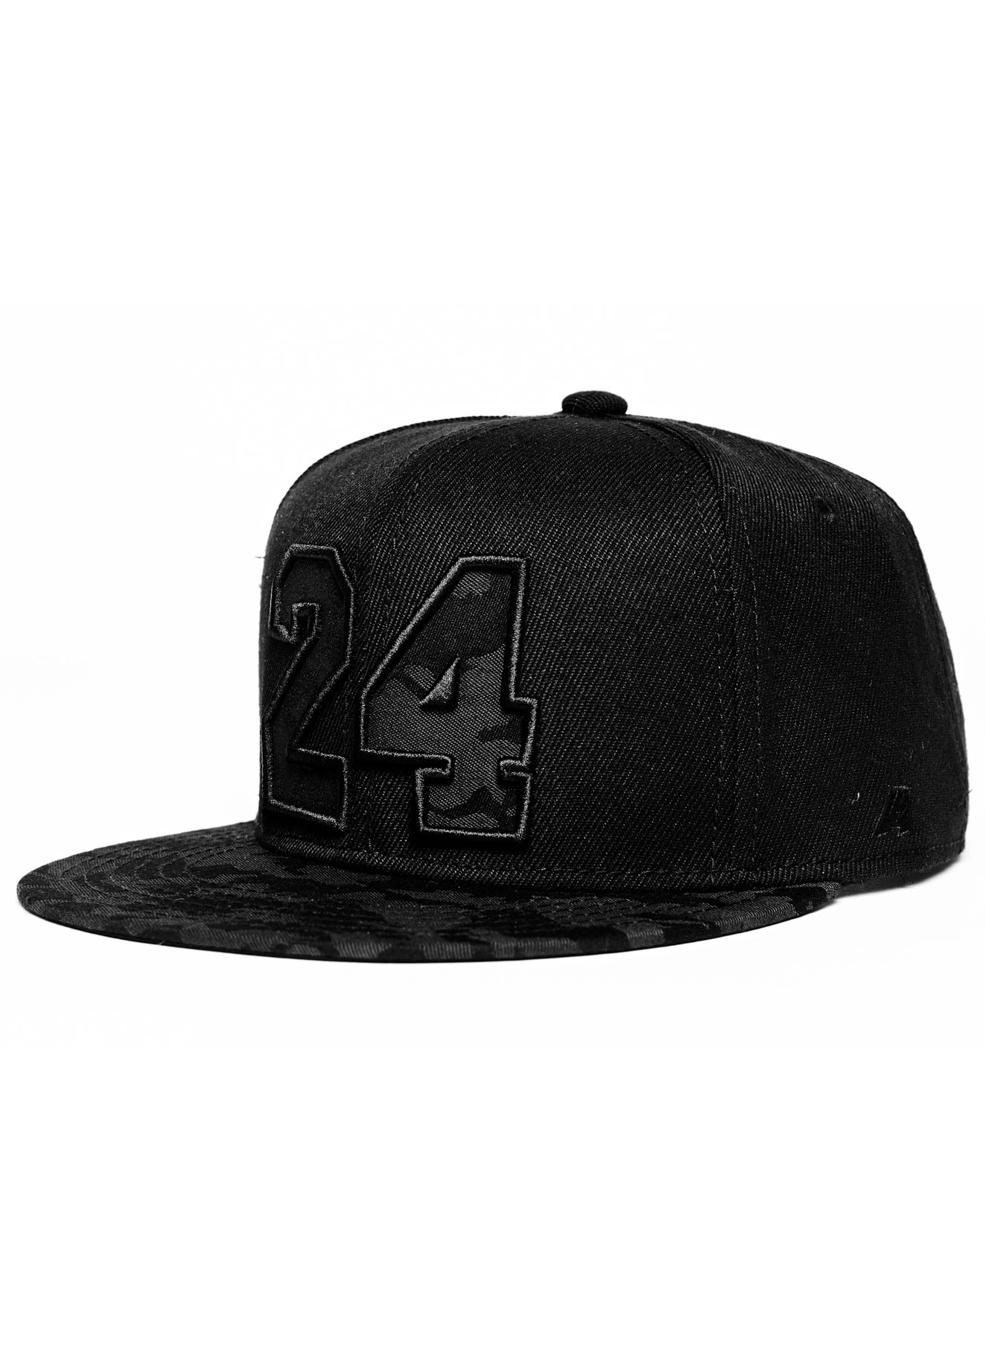 Бейсболка №24 Березуцкий В., прямой козырек, цвет черныйБейсболки<br>Бейсболка №24 Березуцкий В., прямой козырек, цвет черный<br>